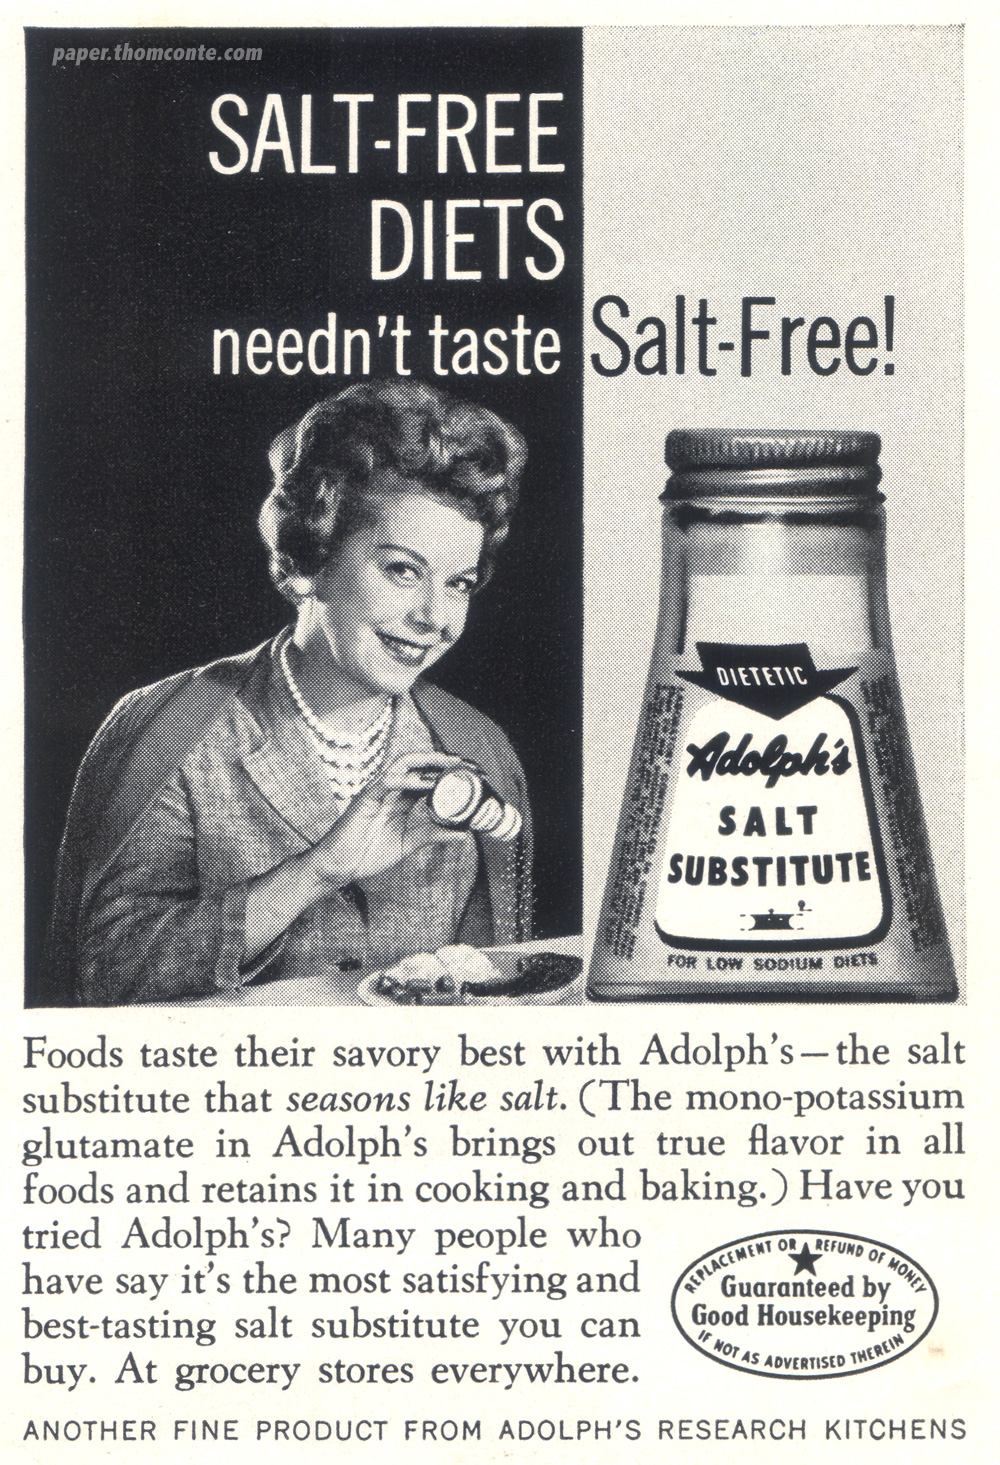 Adolph's Salt Substitute